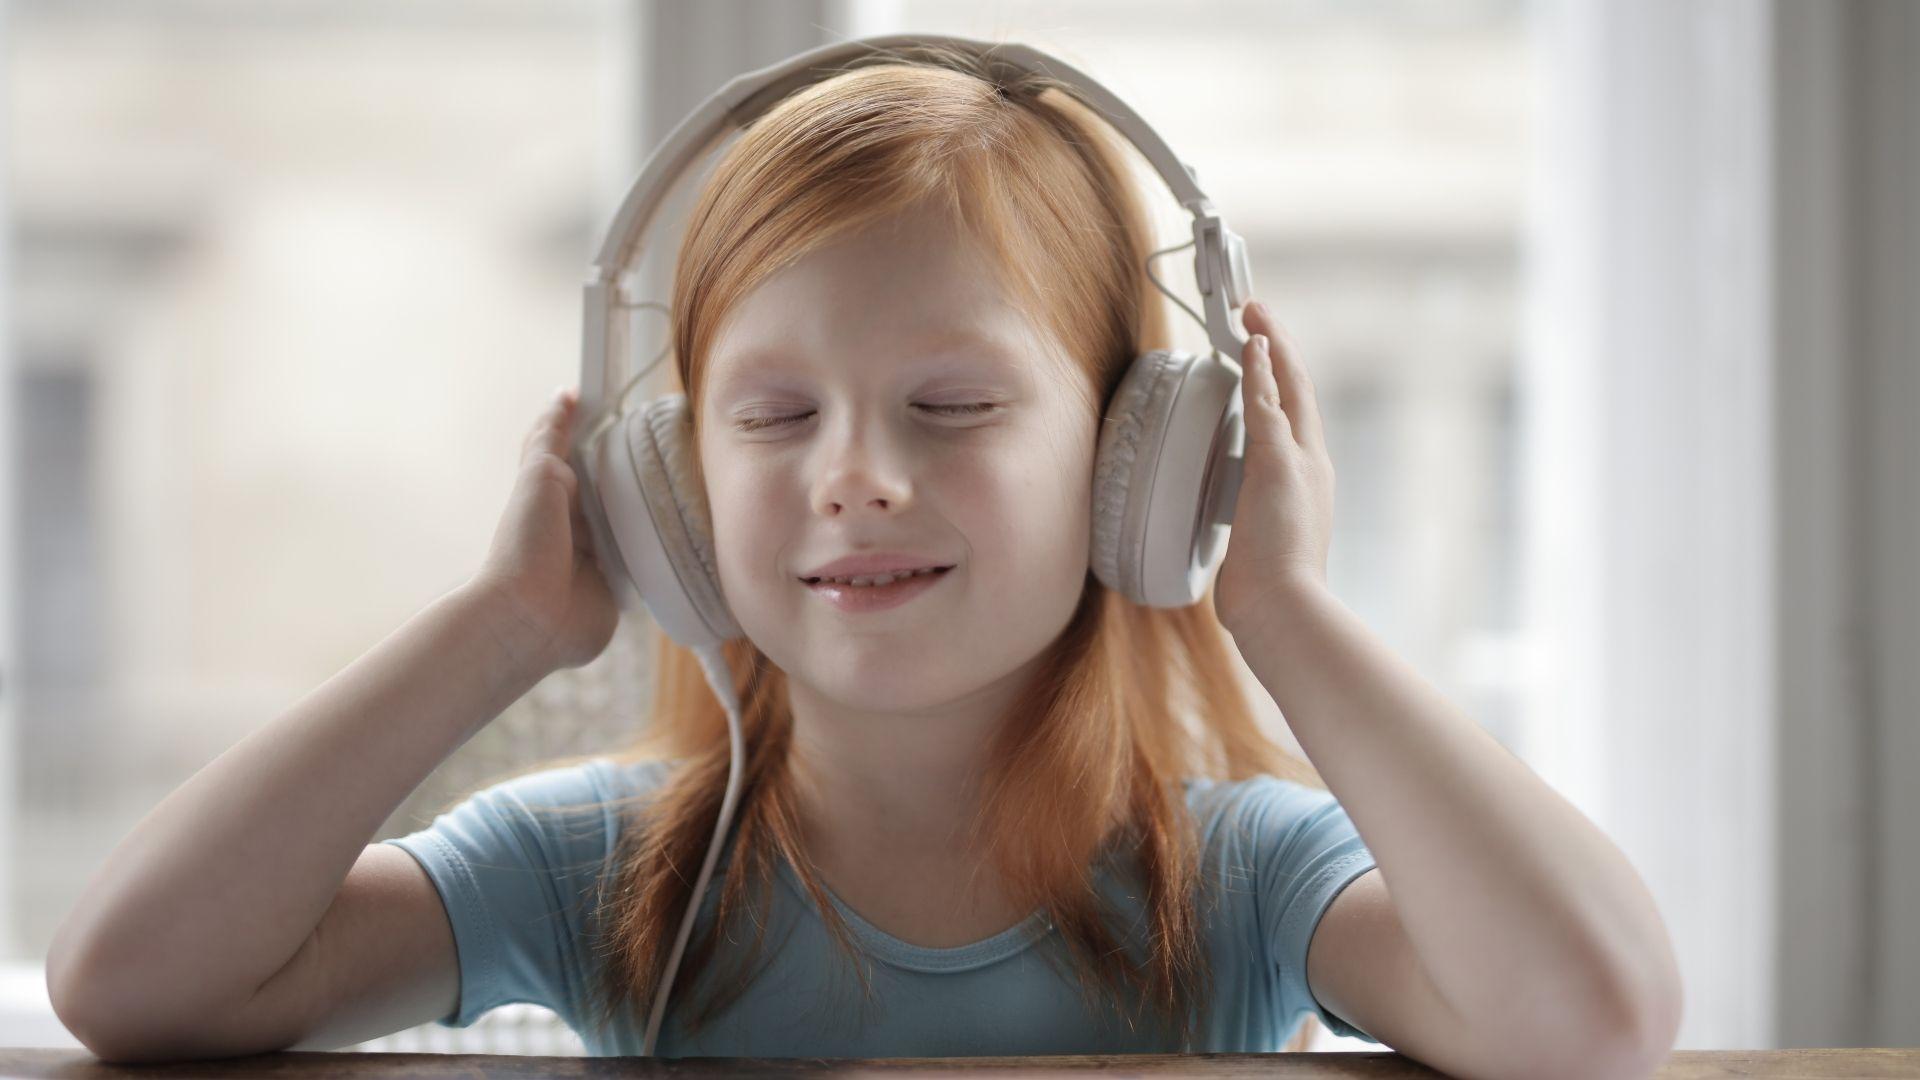 Musicoterapia: música para niños hiperactivos